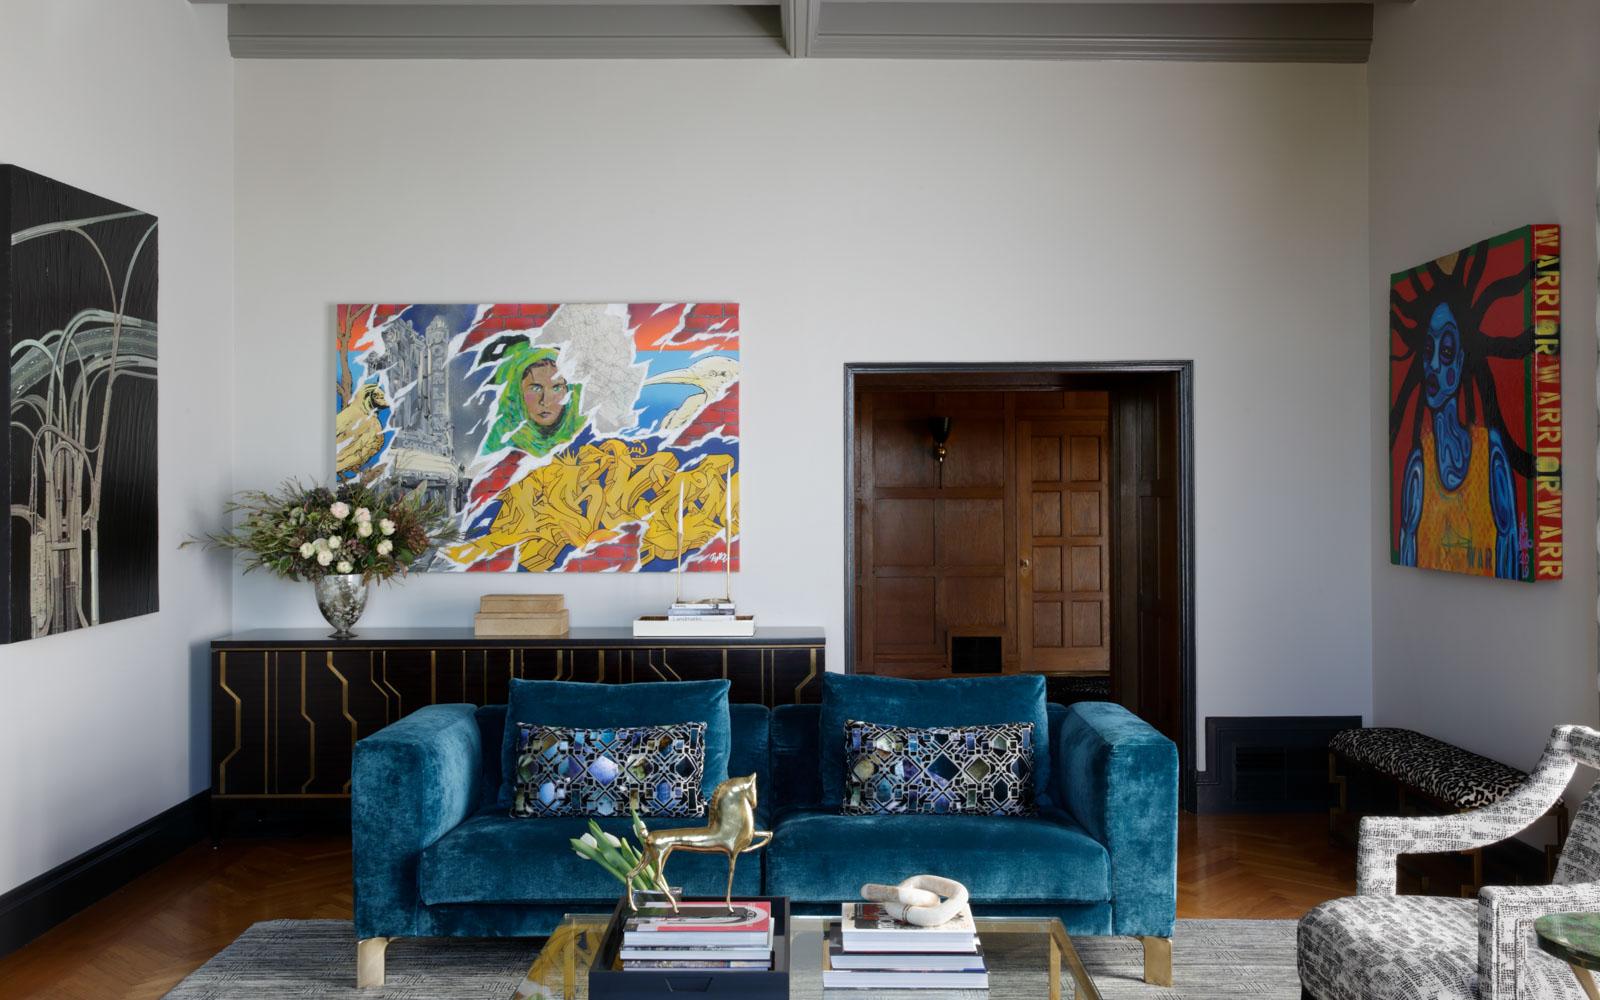 Peacock Blue Velvet Couch in Living Room of Landmark Morse House in Oakland, designed by LMB Interiors